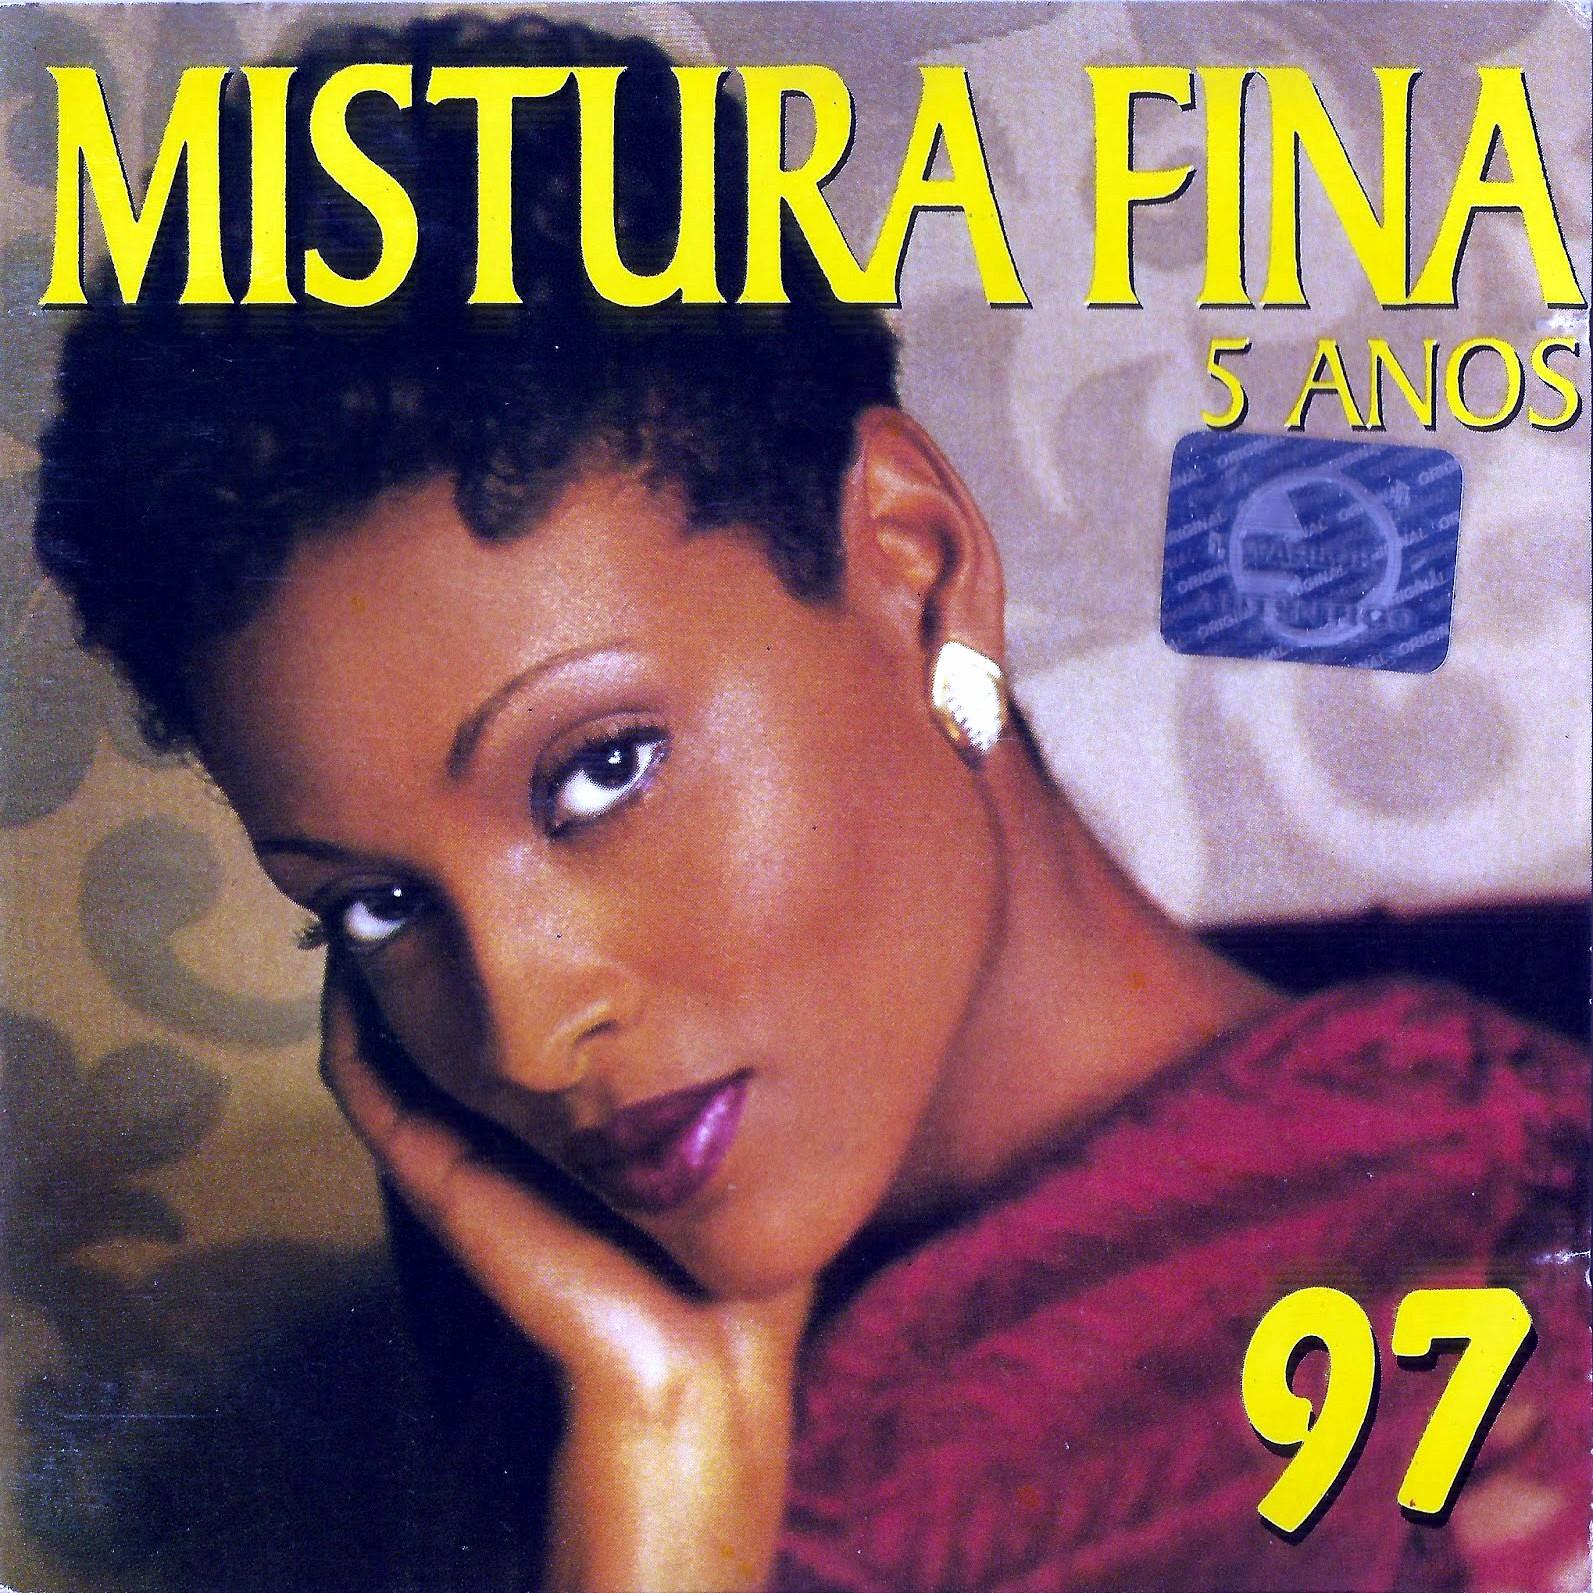 Mistura Fina 97